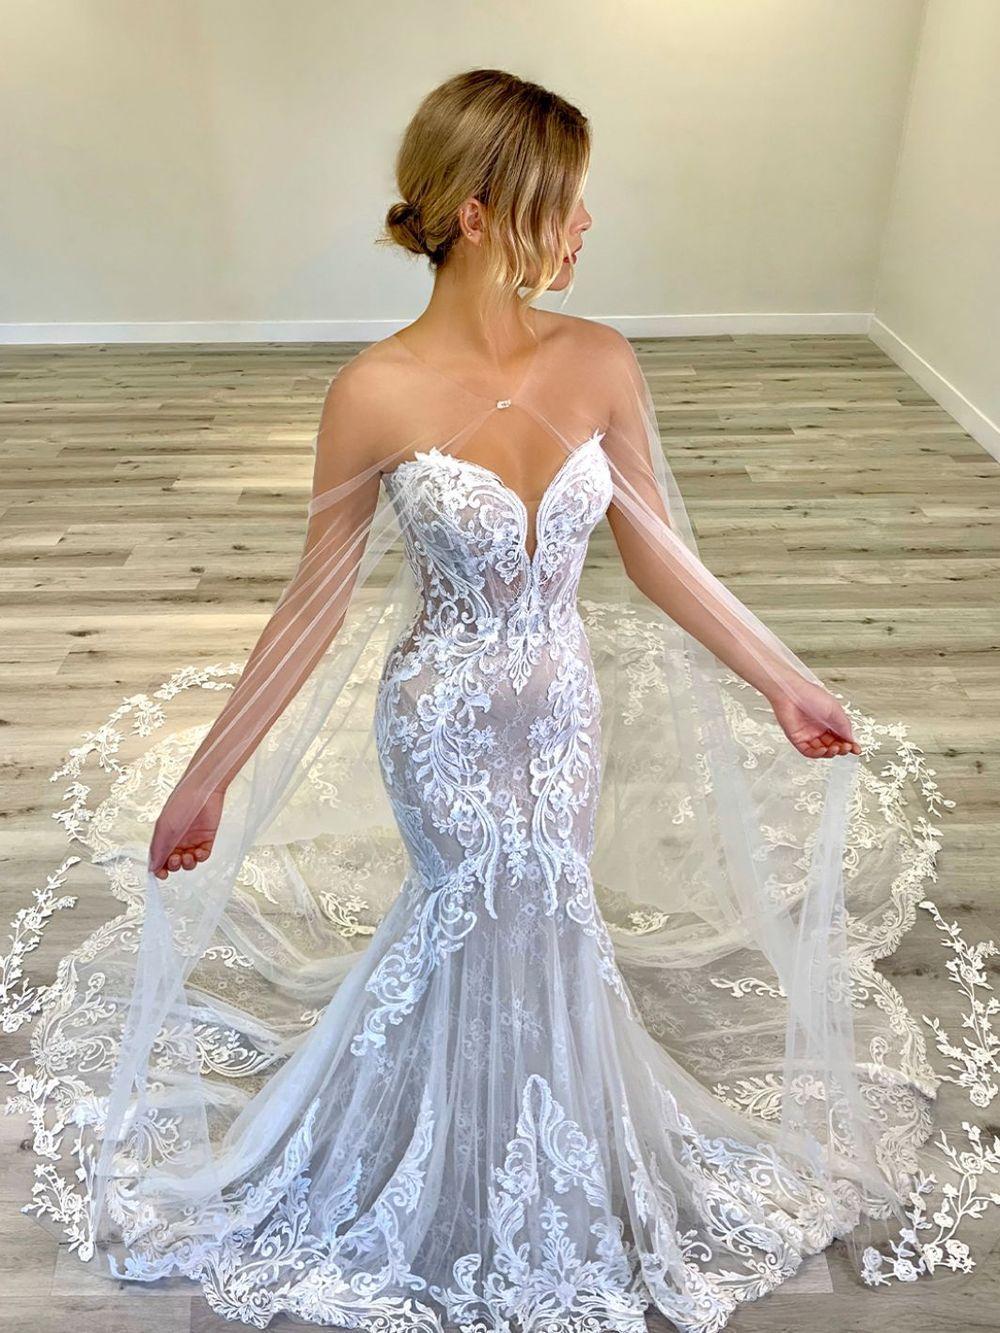 Elysee Marguerite C In 2021 Backless Mermaid Wedding Dresses Mermaid Wedding Dress Long Wedding Dresses [ 1333 x 1000 Pixel ]